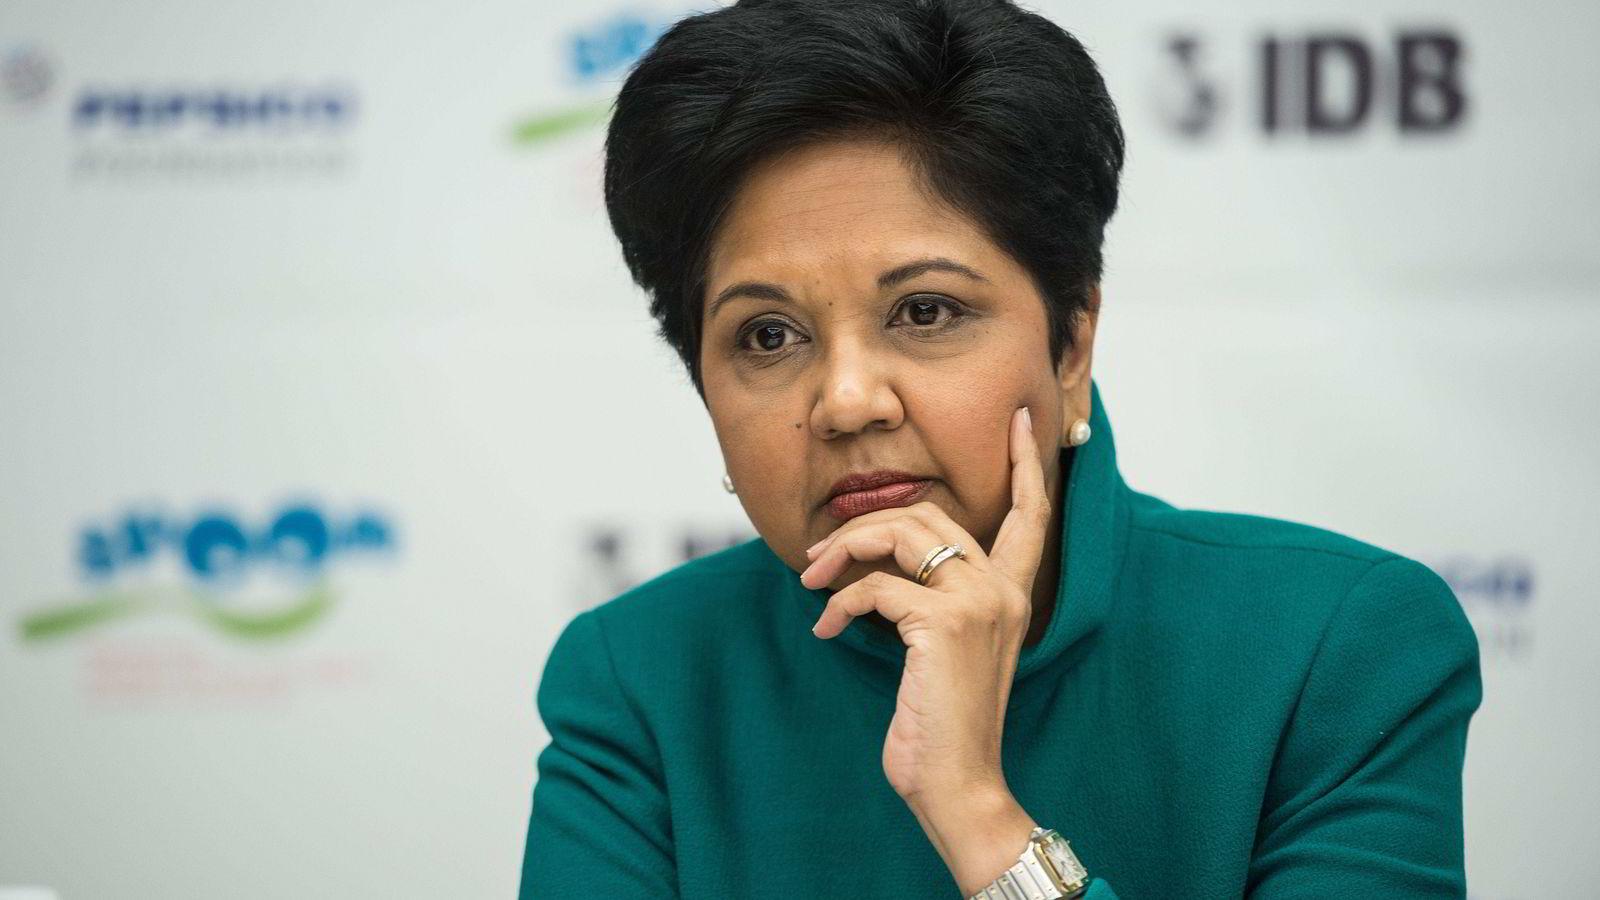 PepsiCo-sjef Indra Nooyi sier selskapet må bli sunnere for å vokse.               FOTO: